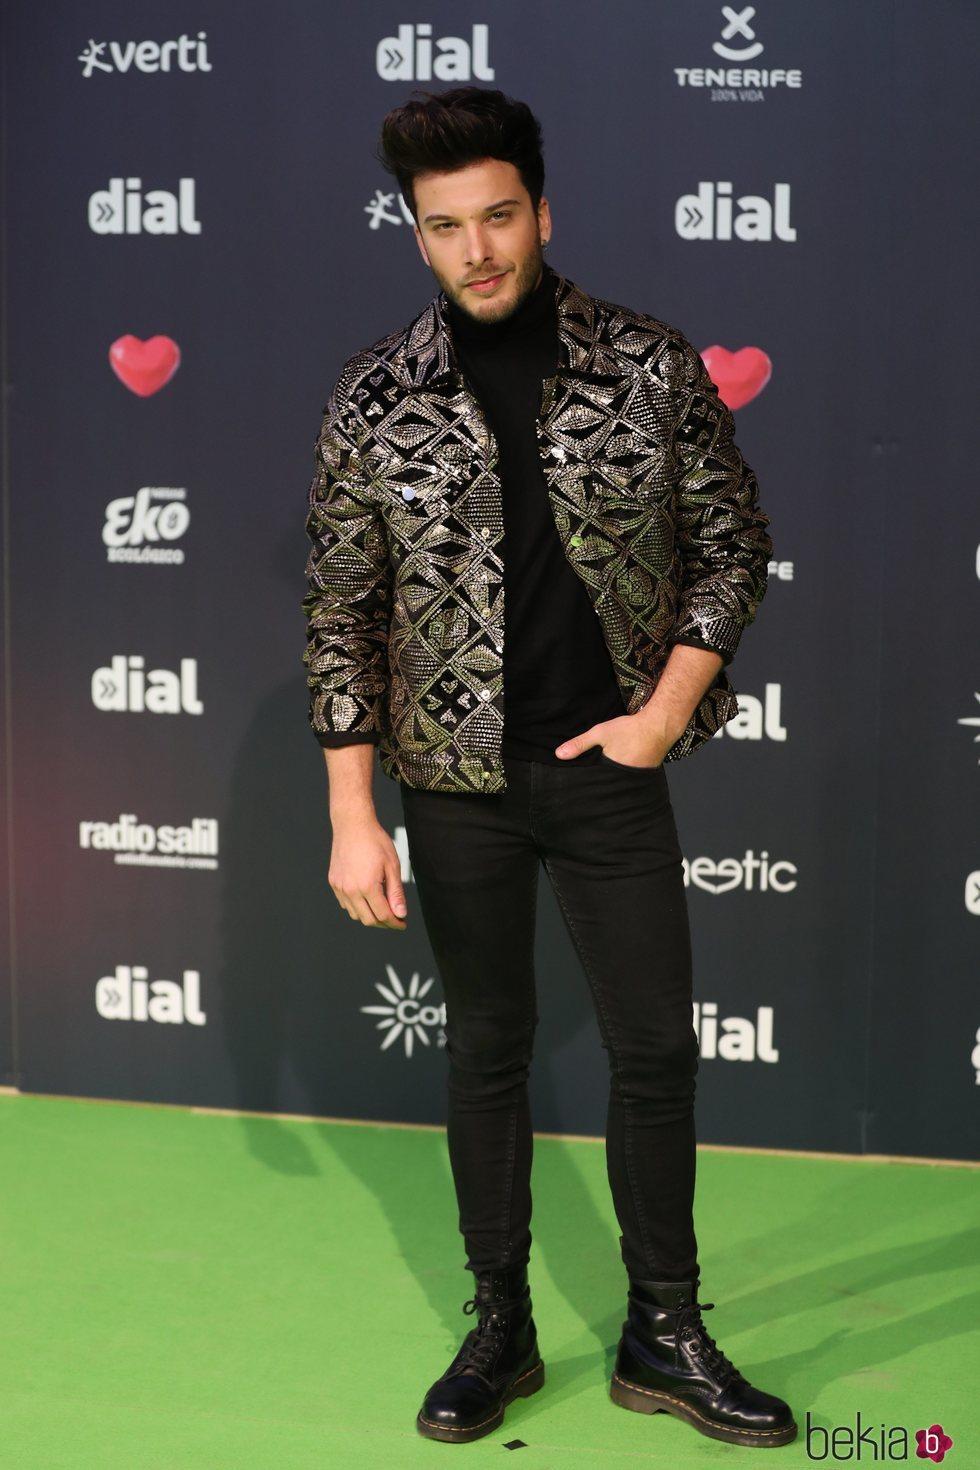 Blas Cantó en los Premios Cadena Dial 2019 en Tenerife